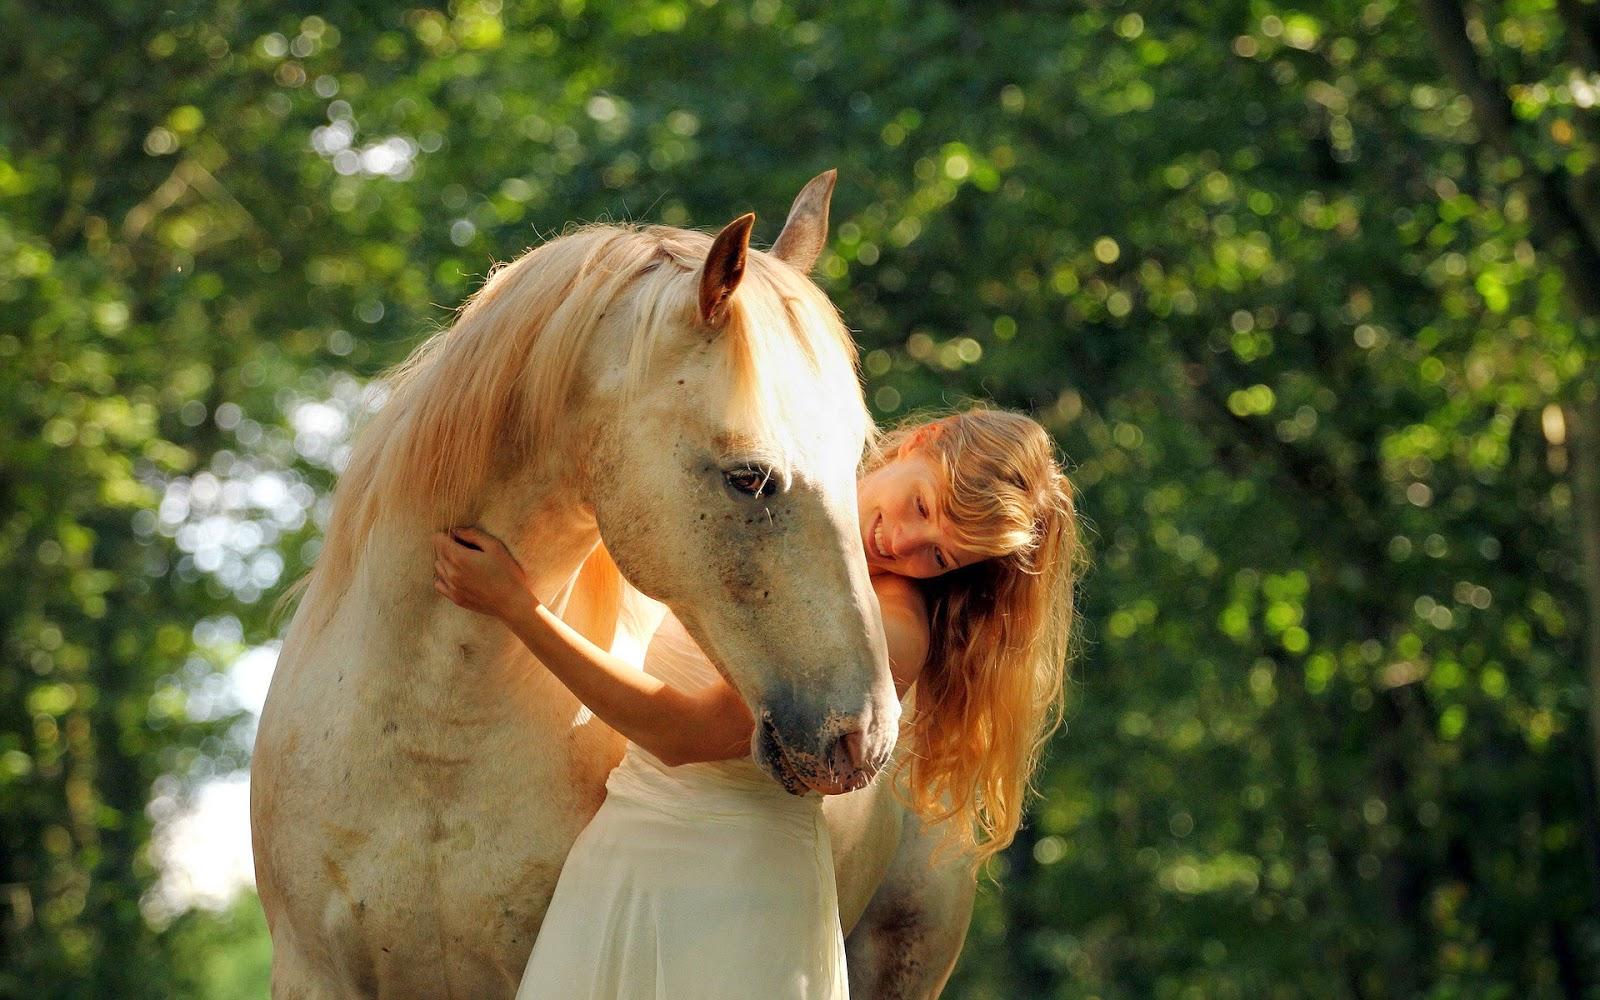 Vrouw omhelst paard